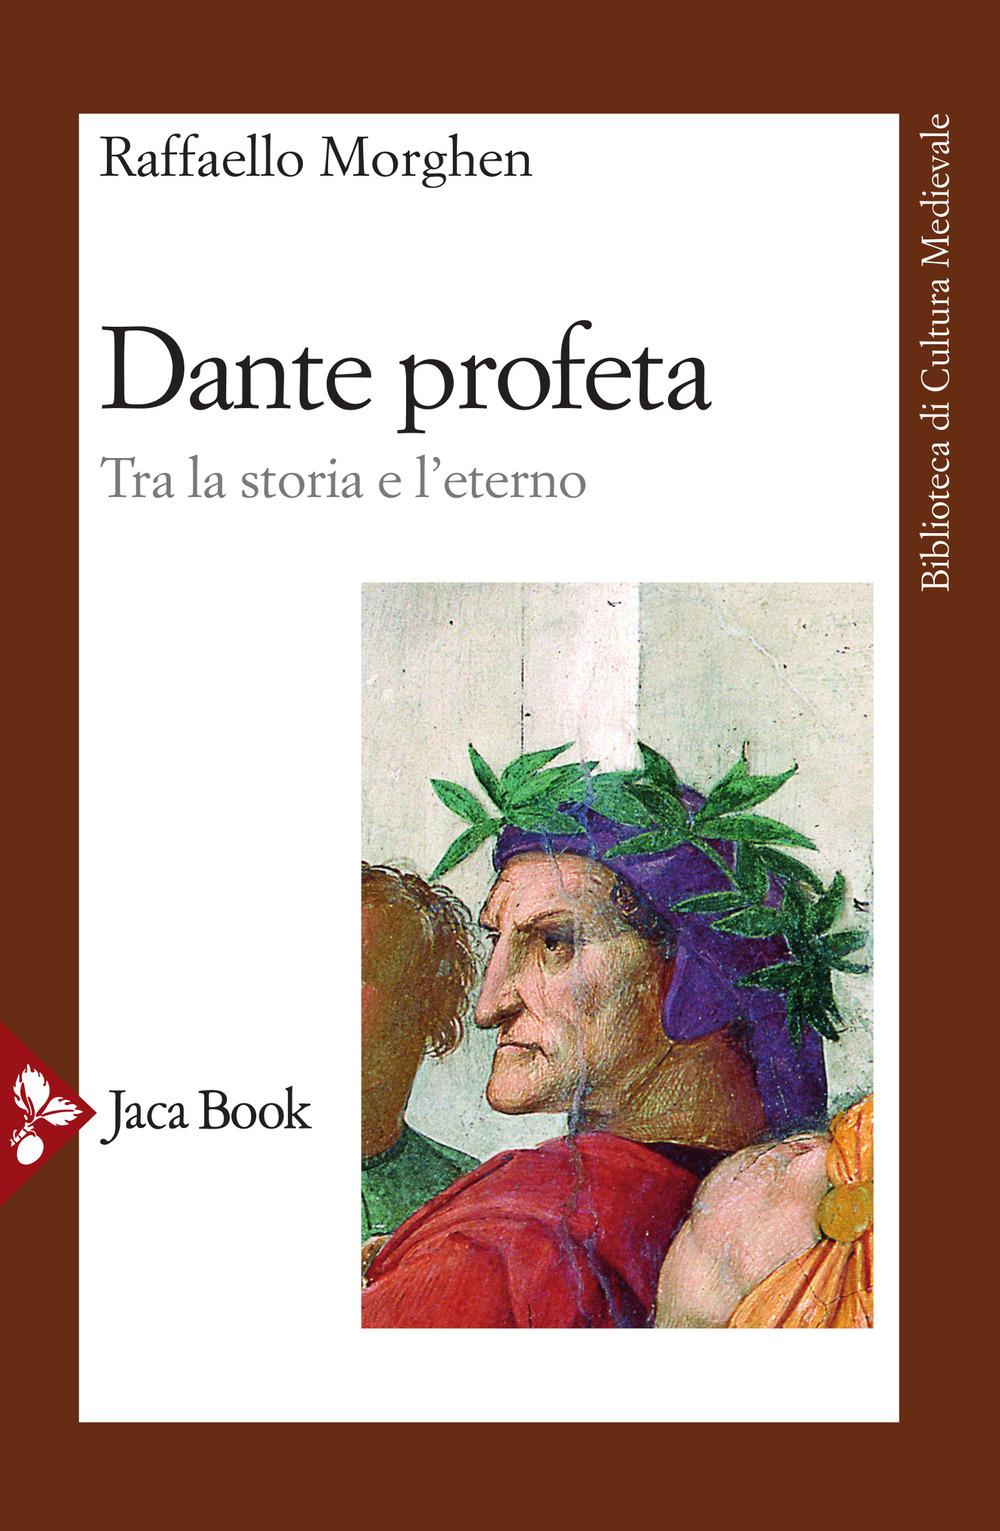 Dante profeta. Tra la storia e l'eterno